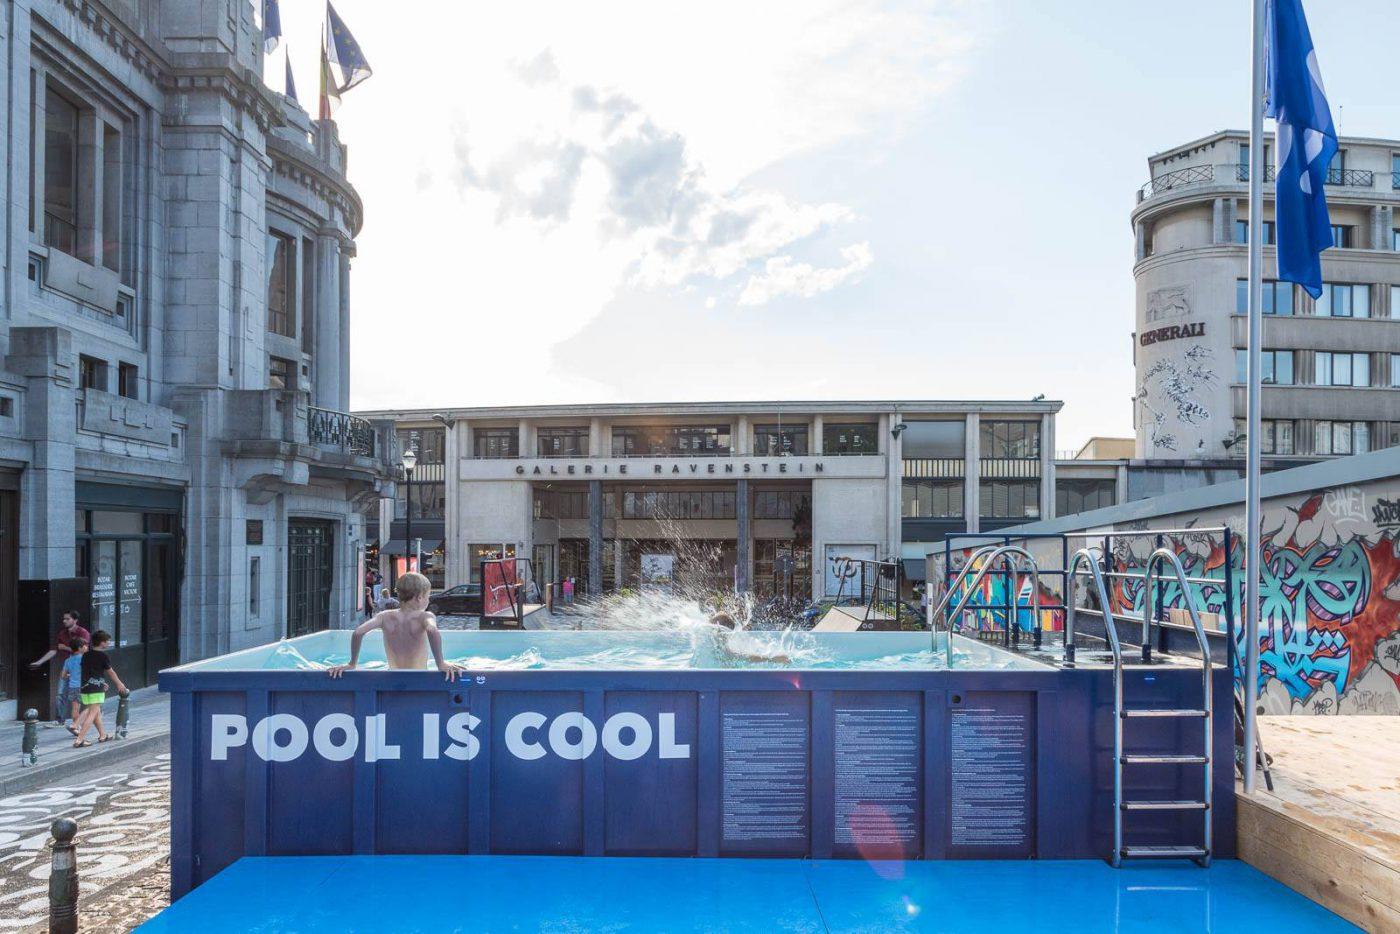 Pool is Cool อีเวนท์กองโจรในบรัสเซล ชวนชาวเมืองมากระโดดนำ้เล่นให้เย็นใจ